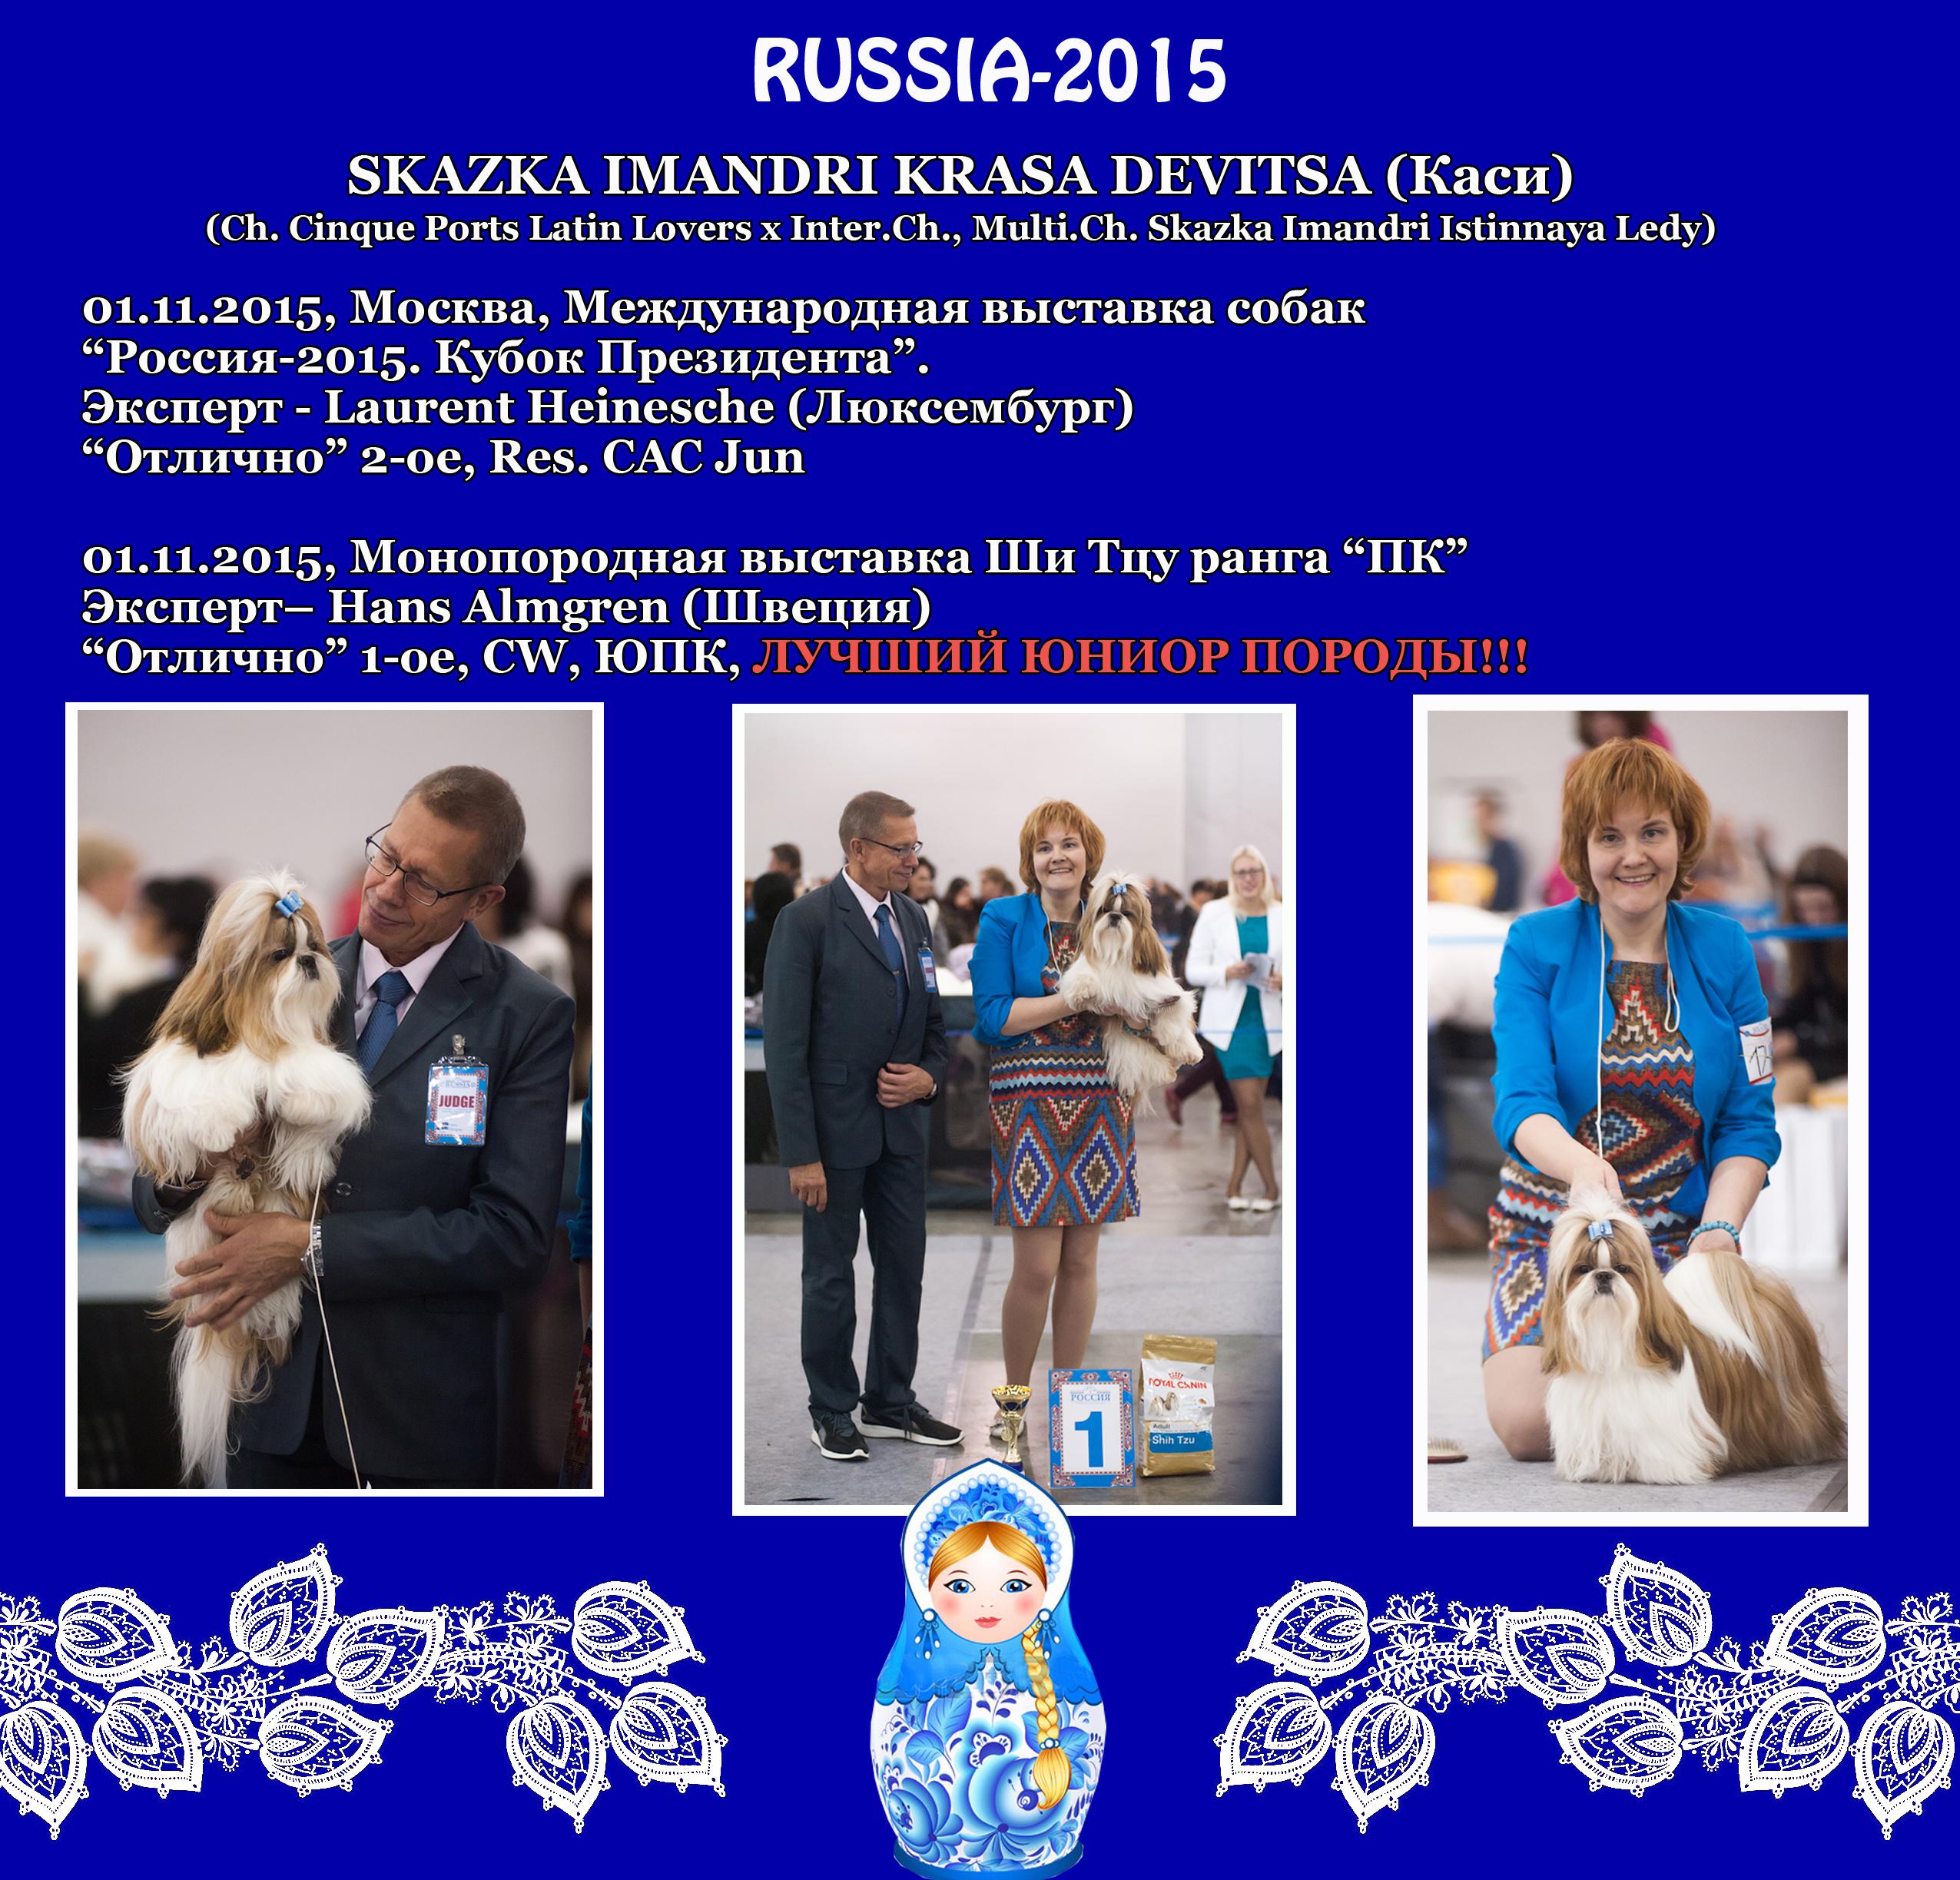 """Результаты Каси (Skazka Imandri Krasa Devitsa) на международной выставке """"Россия-2015"""", проходившей 01 ноября 2015 г. в Москве"""